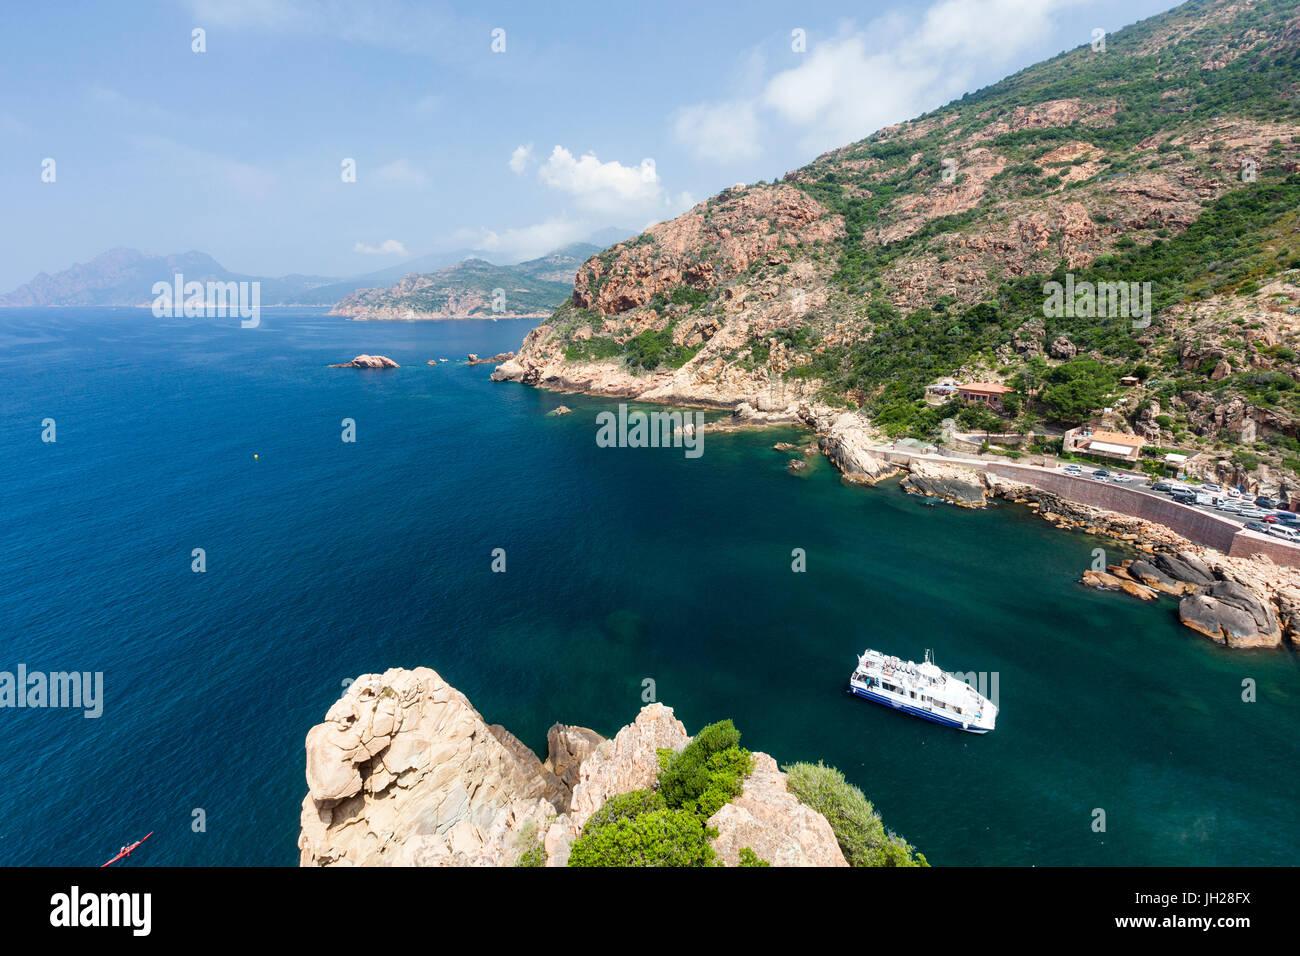 Barco turístico en el mar turquesa enmarcado por acantilados de piedra caliza, Porto, en el sur de Córcega, Imagen De Stock